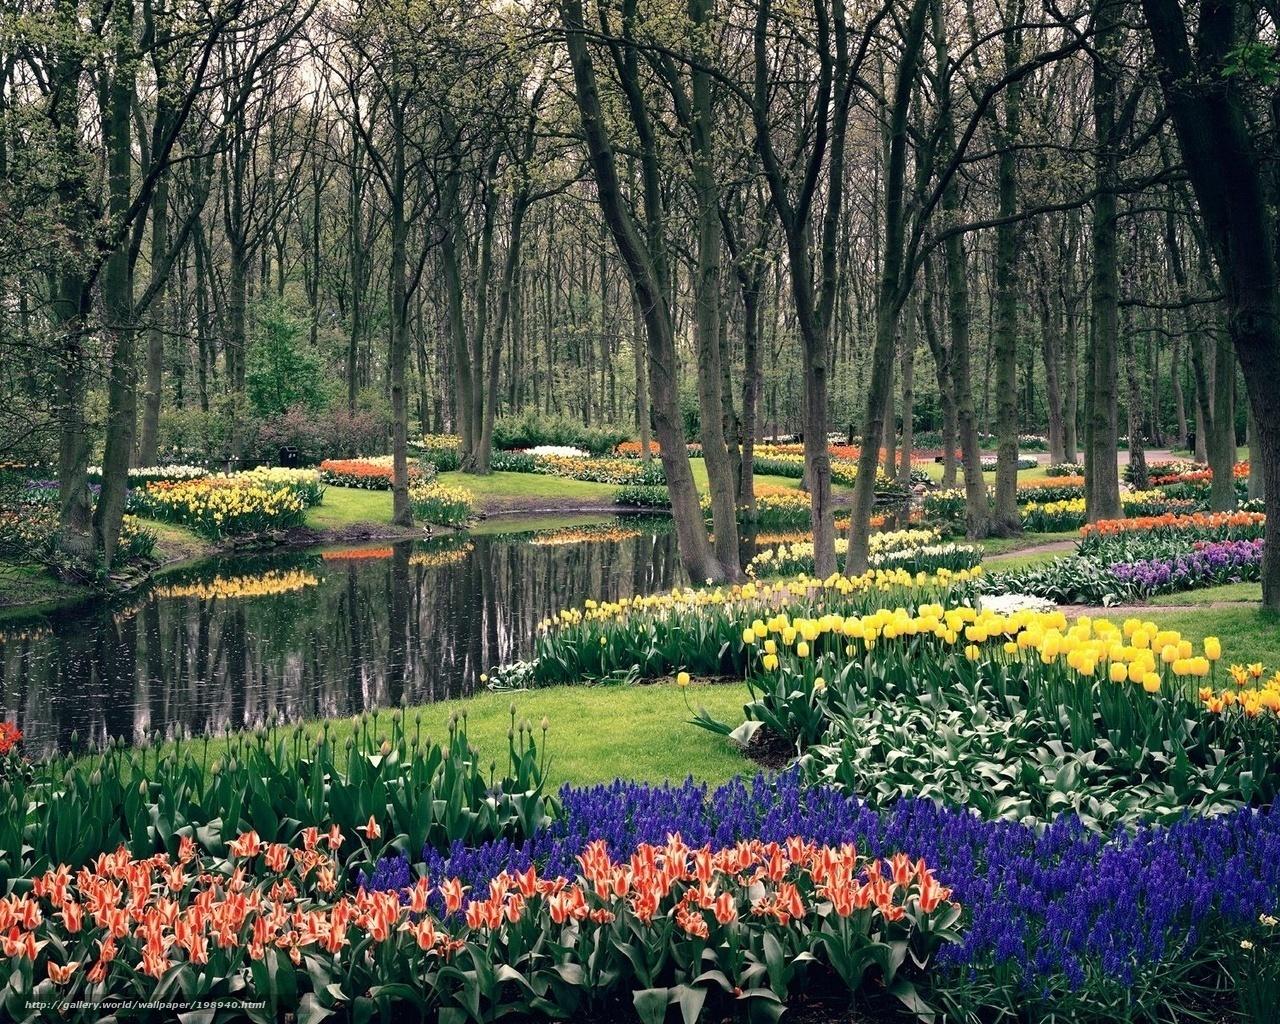 tlcharger fond d 39 ecran printemps fleurs jardin fonds d 39 ecran gratuits pour votre rsolution du. Black Bedroom Furniture Sets. Home Design Ideas